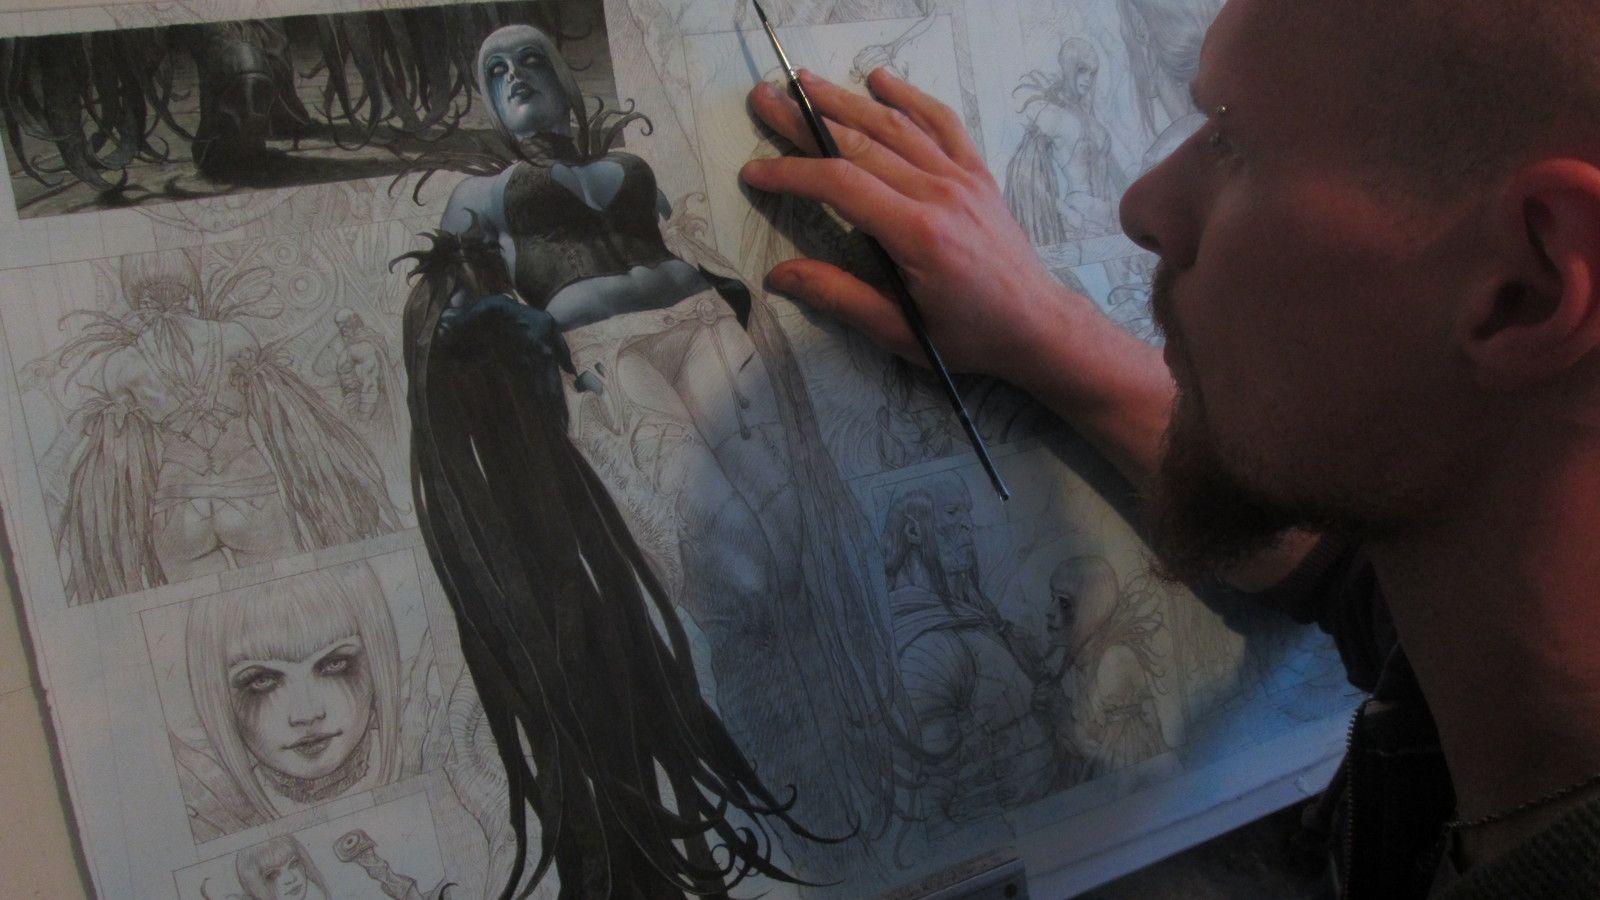 """Work in progress of """"Saria"""" volume 3 , Riccardo Federici on ArtStation at https://www.artstation.com/artwork/8ka56"""